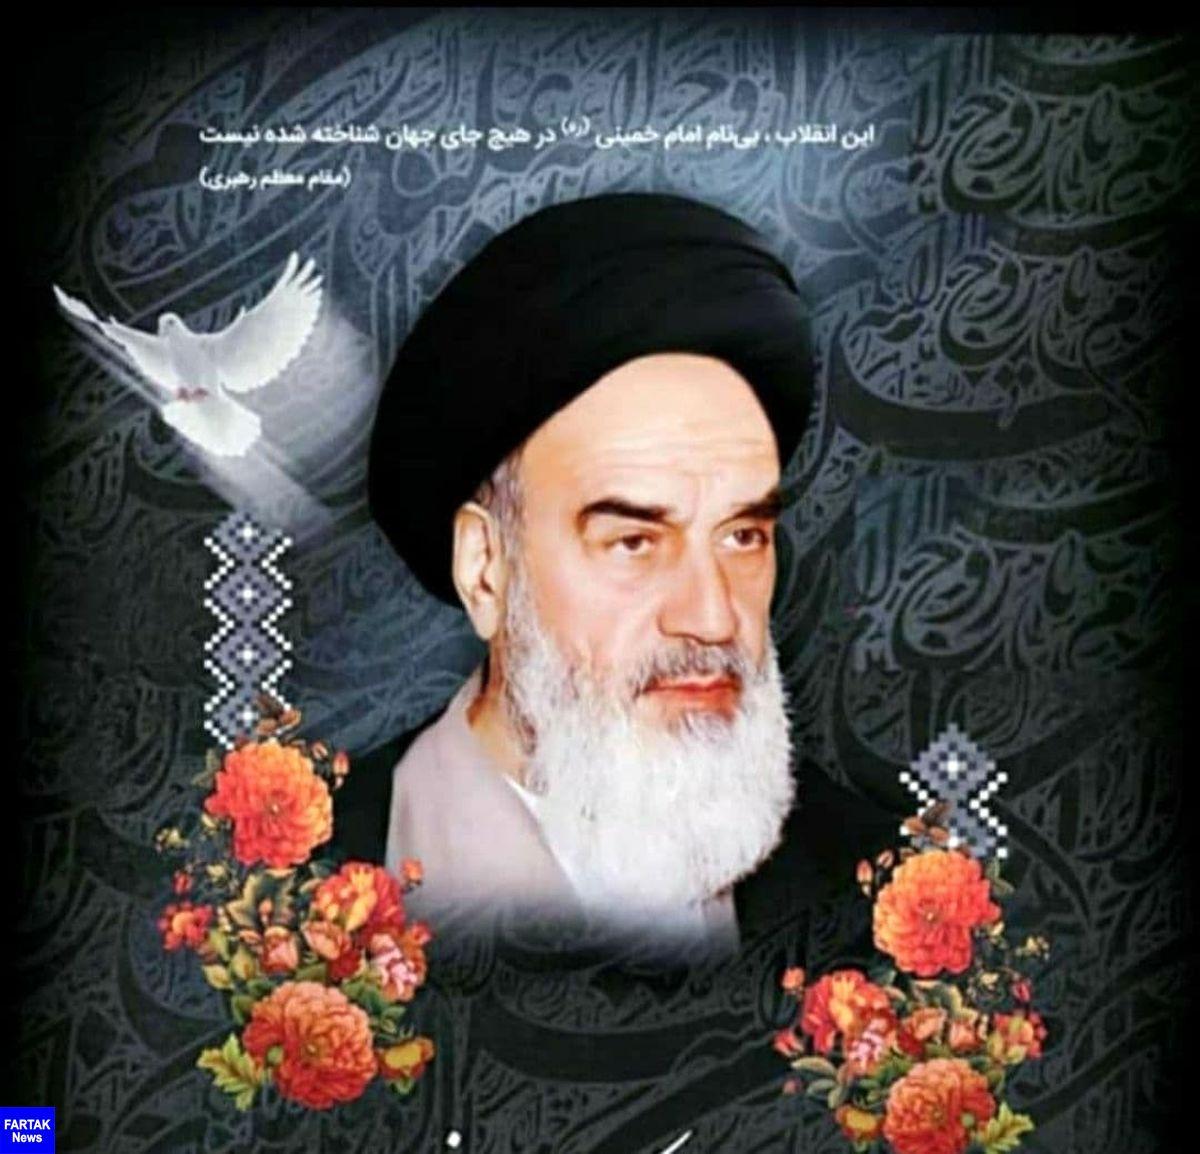 برگزاری مراسم سالگرد ارتحال امامخمینی(ره) در بقاع شاخص استان کرمانشاه